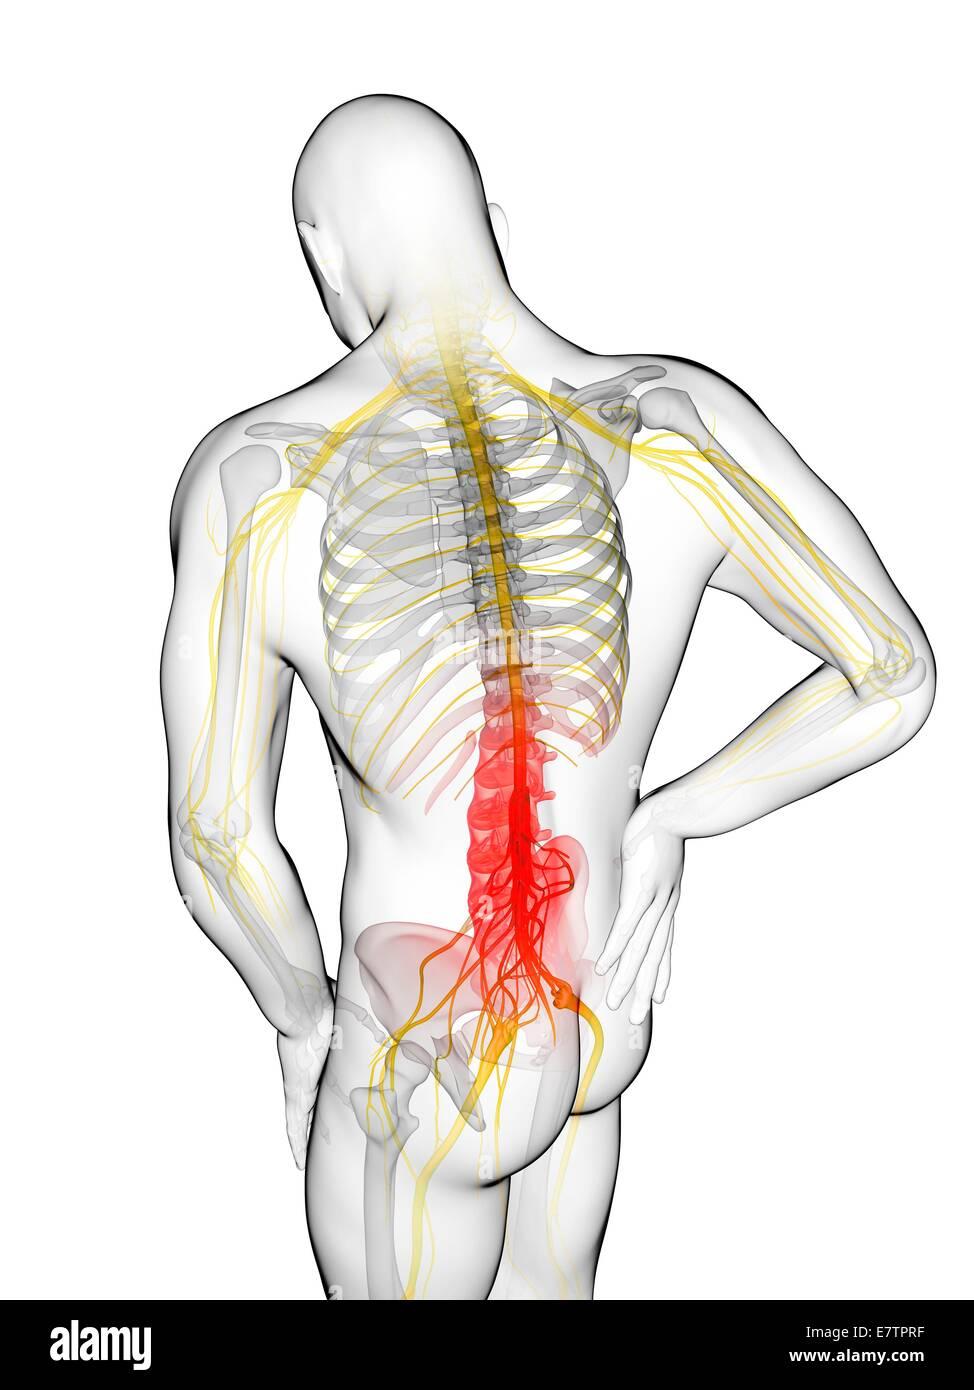 Седалищный нерв симптомы и лечение в домашних условиях 65